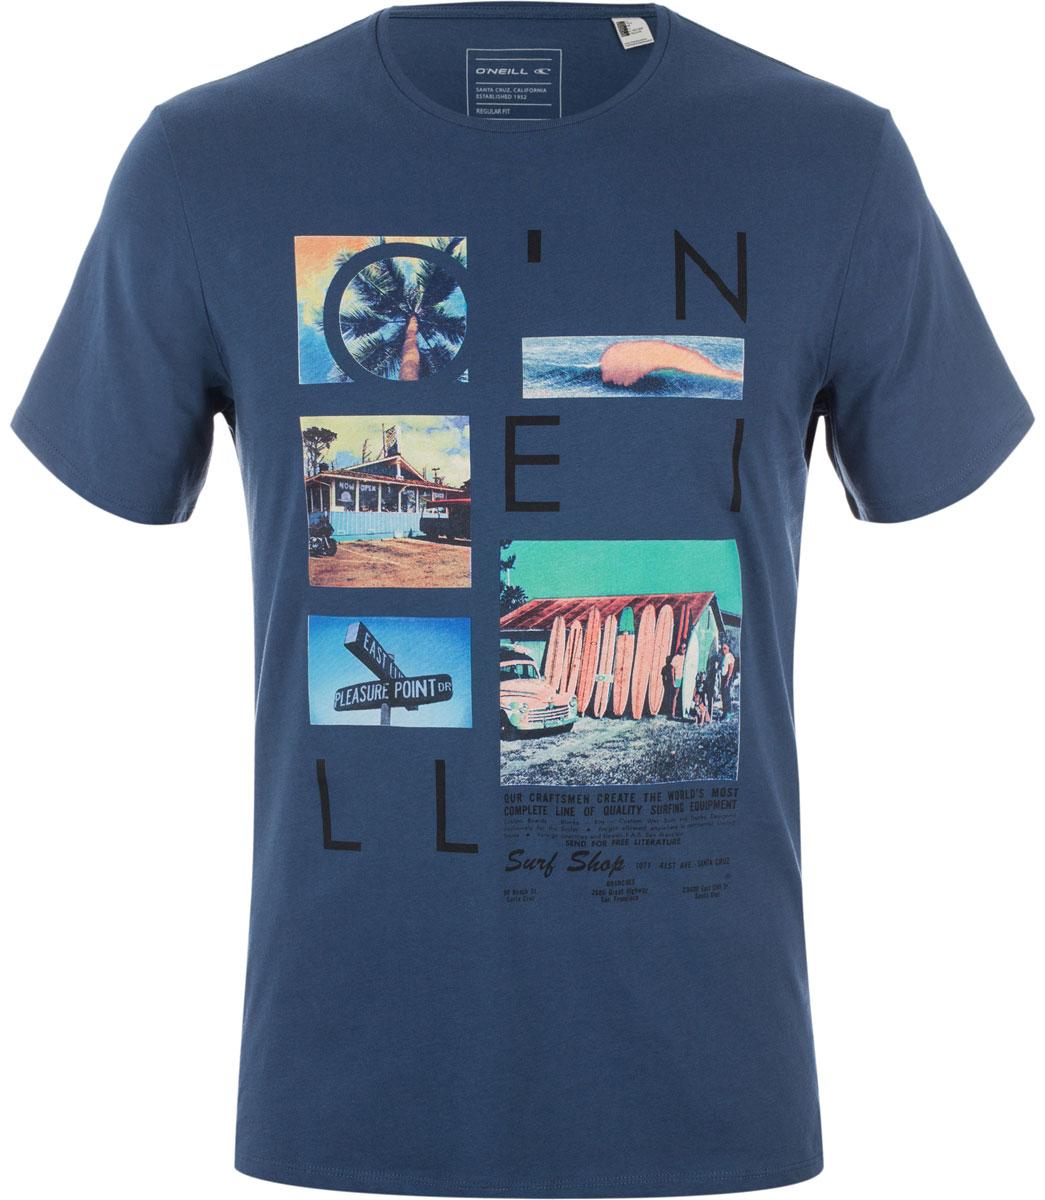 Футболка мужская ONeill Lm Neos T-Shirt, цвет: синий. 7A3670-5045. Размер XL (52/54)7A3670-5045Футболка мужская ONeill выполнена из 100% хлопка. Модель имеет стандартный крой, короткий рукав и круглый вырез горловины. Футболка дополнена красочной фотопечатью.